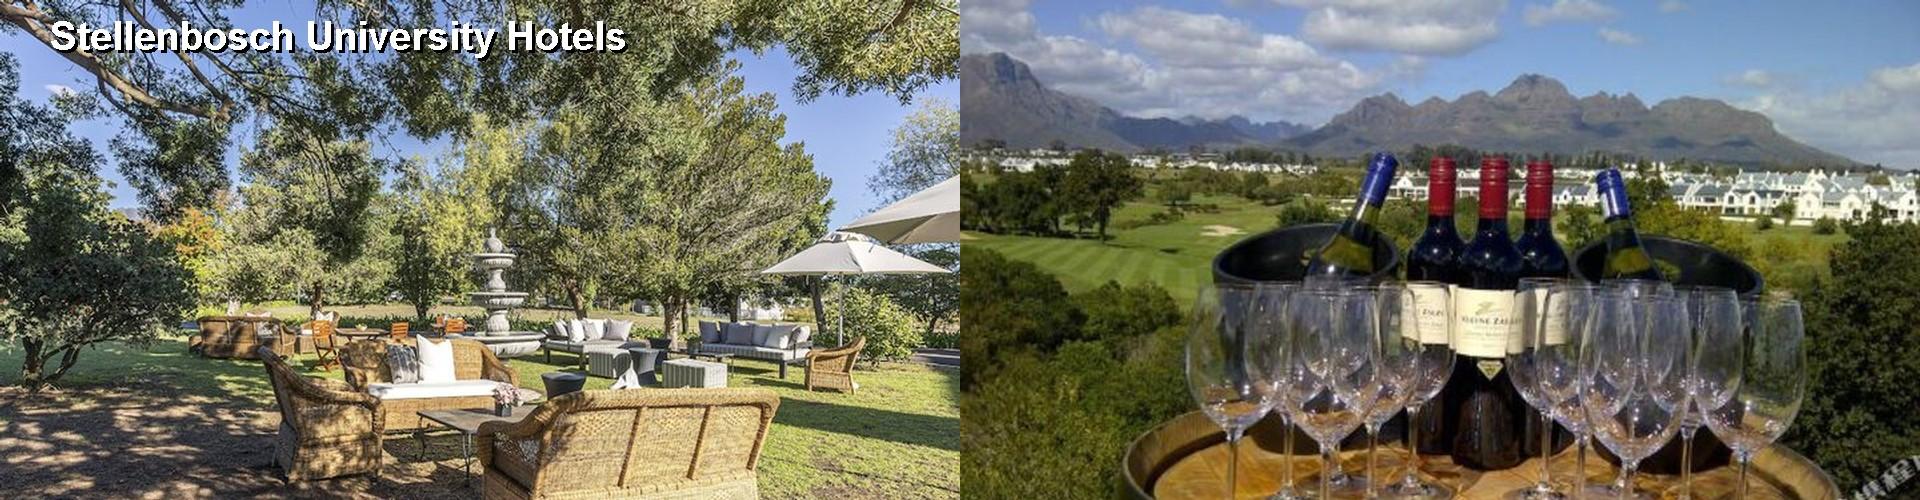 FINEST Hotels Near Stellenbosch University